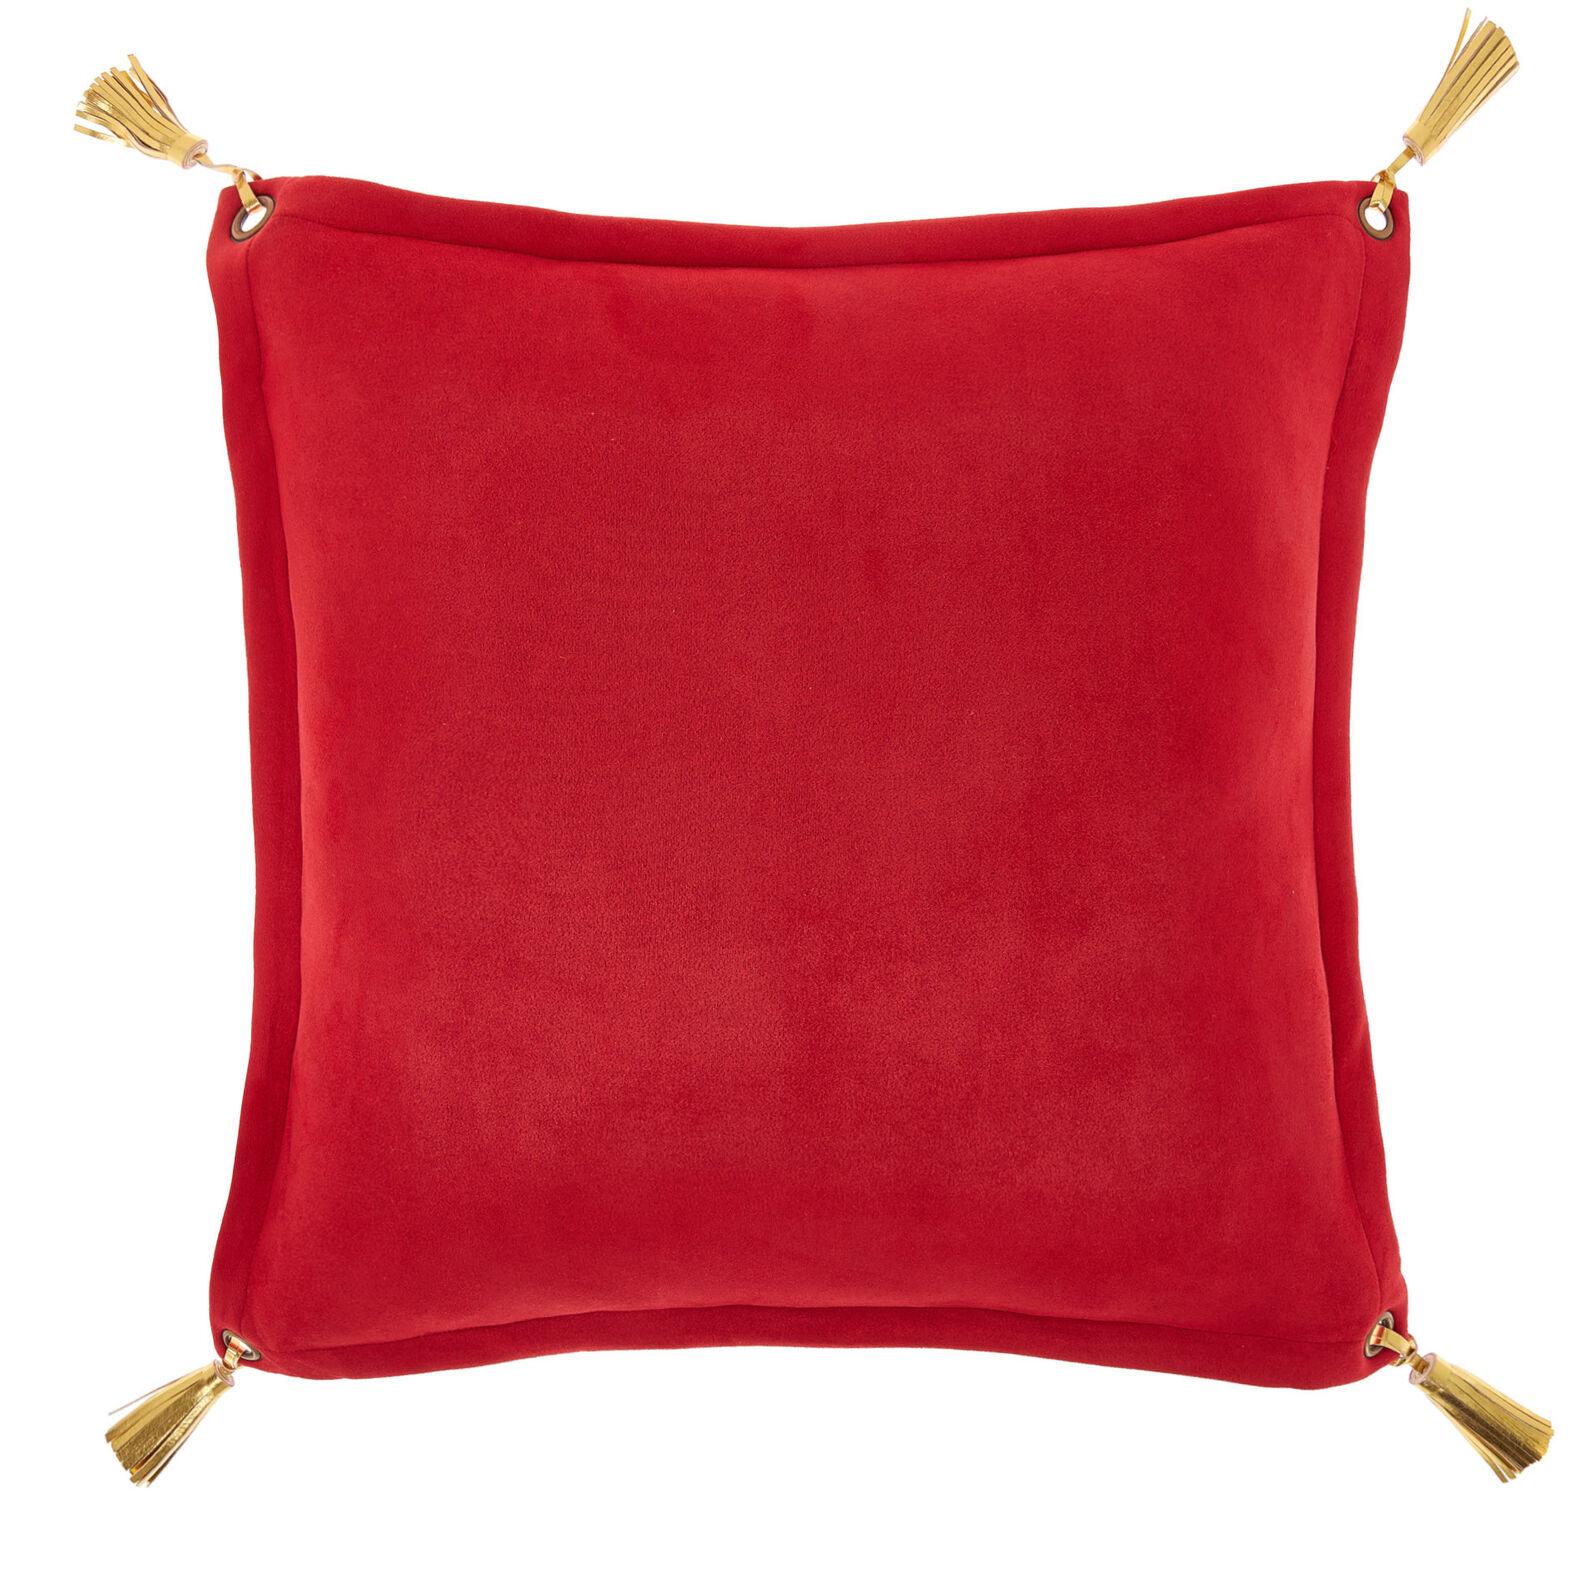 Velvet cushion 45x45cm